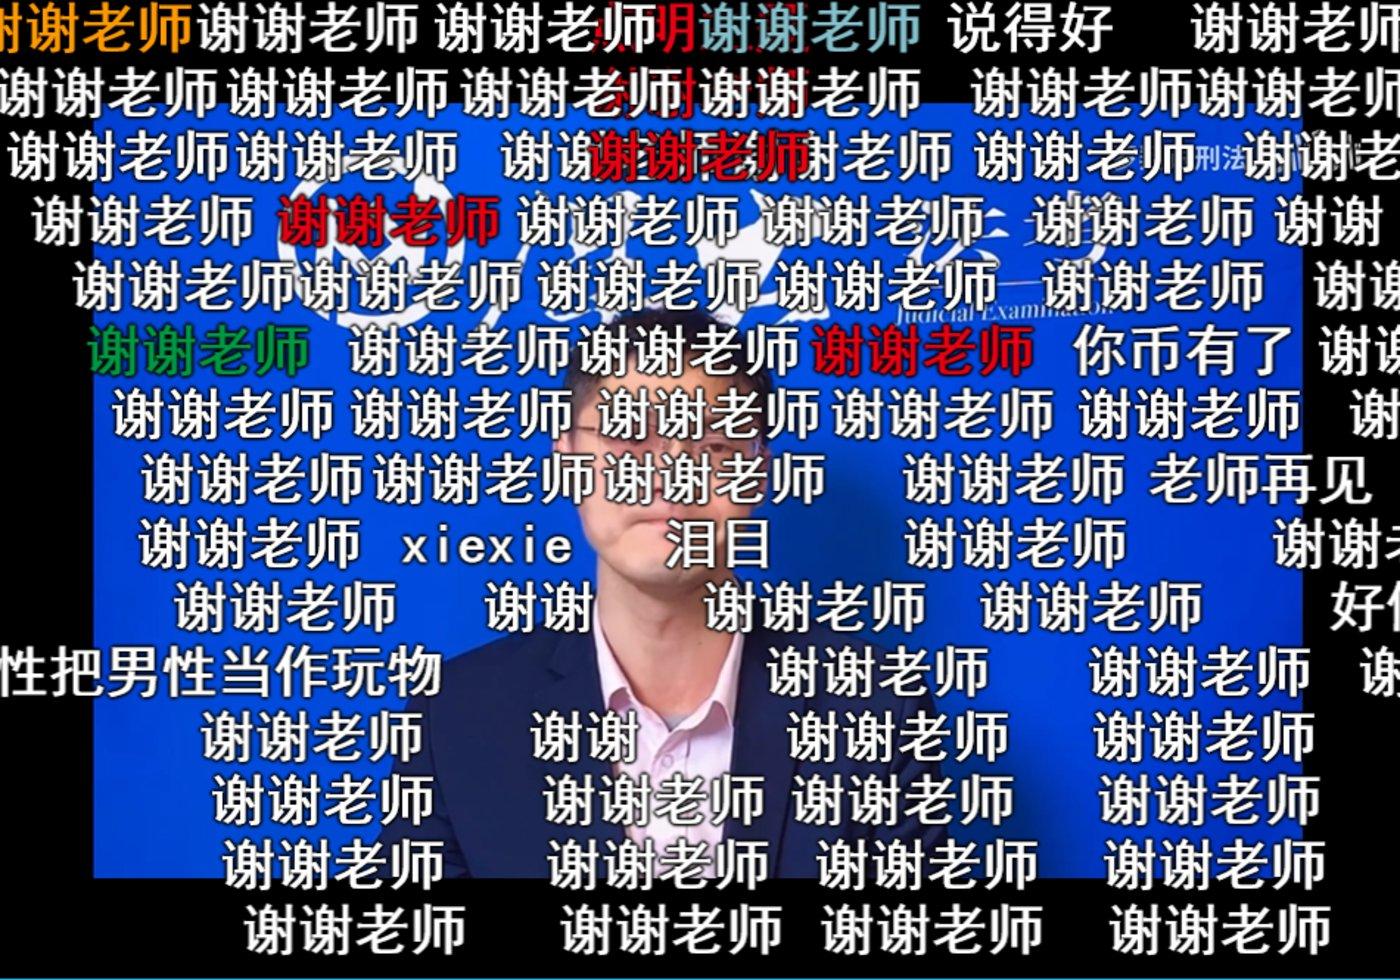 (罗翔《韩国N号房事件的罪与罚》视频截图)